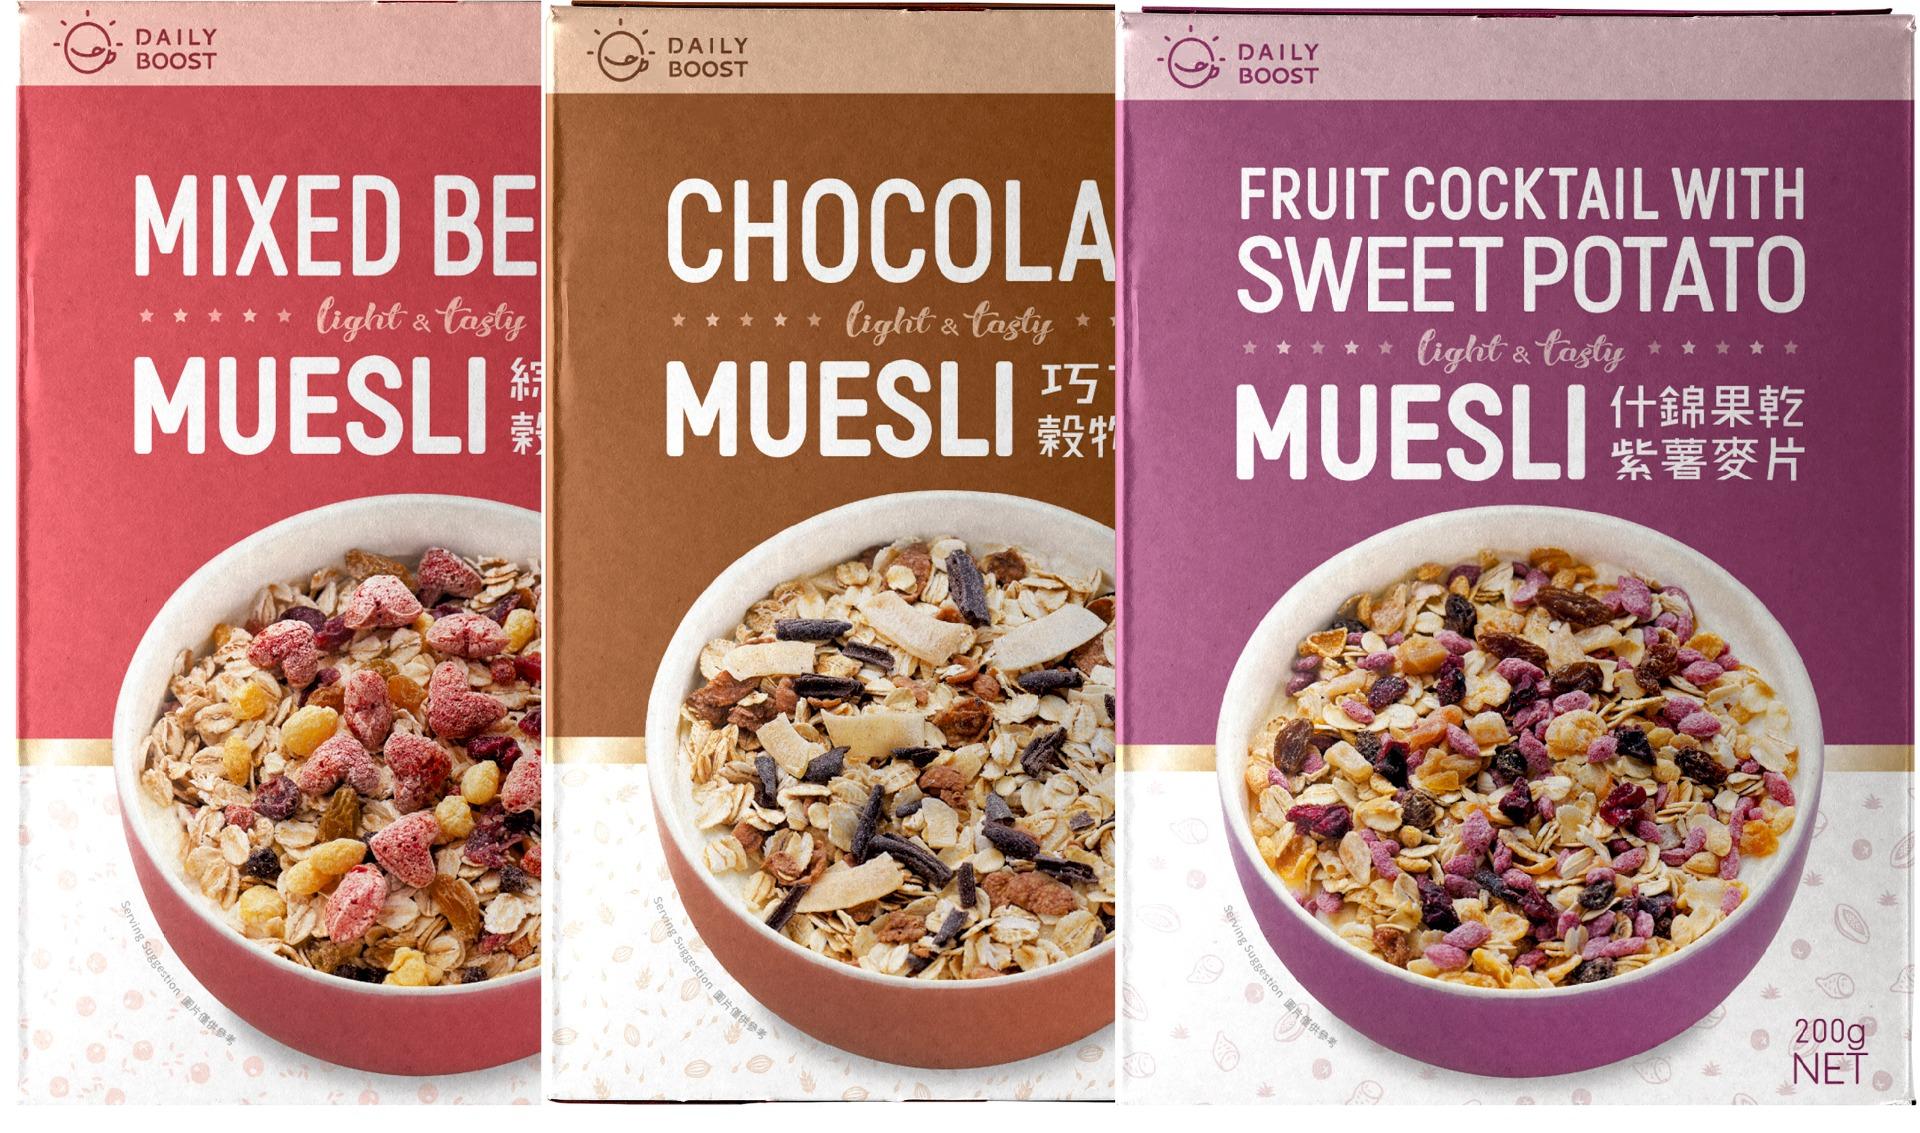 [即期品]  [Daily Boost 日卜力] 新款Muesli帶著走-新口味麥片優惠組(綜合莓果+巧克力+什錦果乾紫薯麥片) {效期: 2021-07-07}